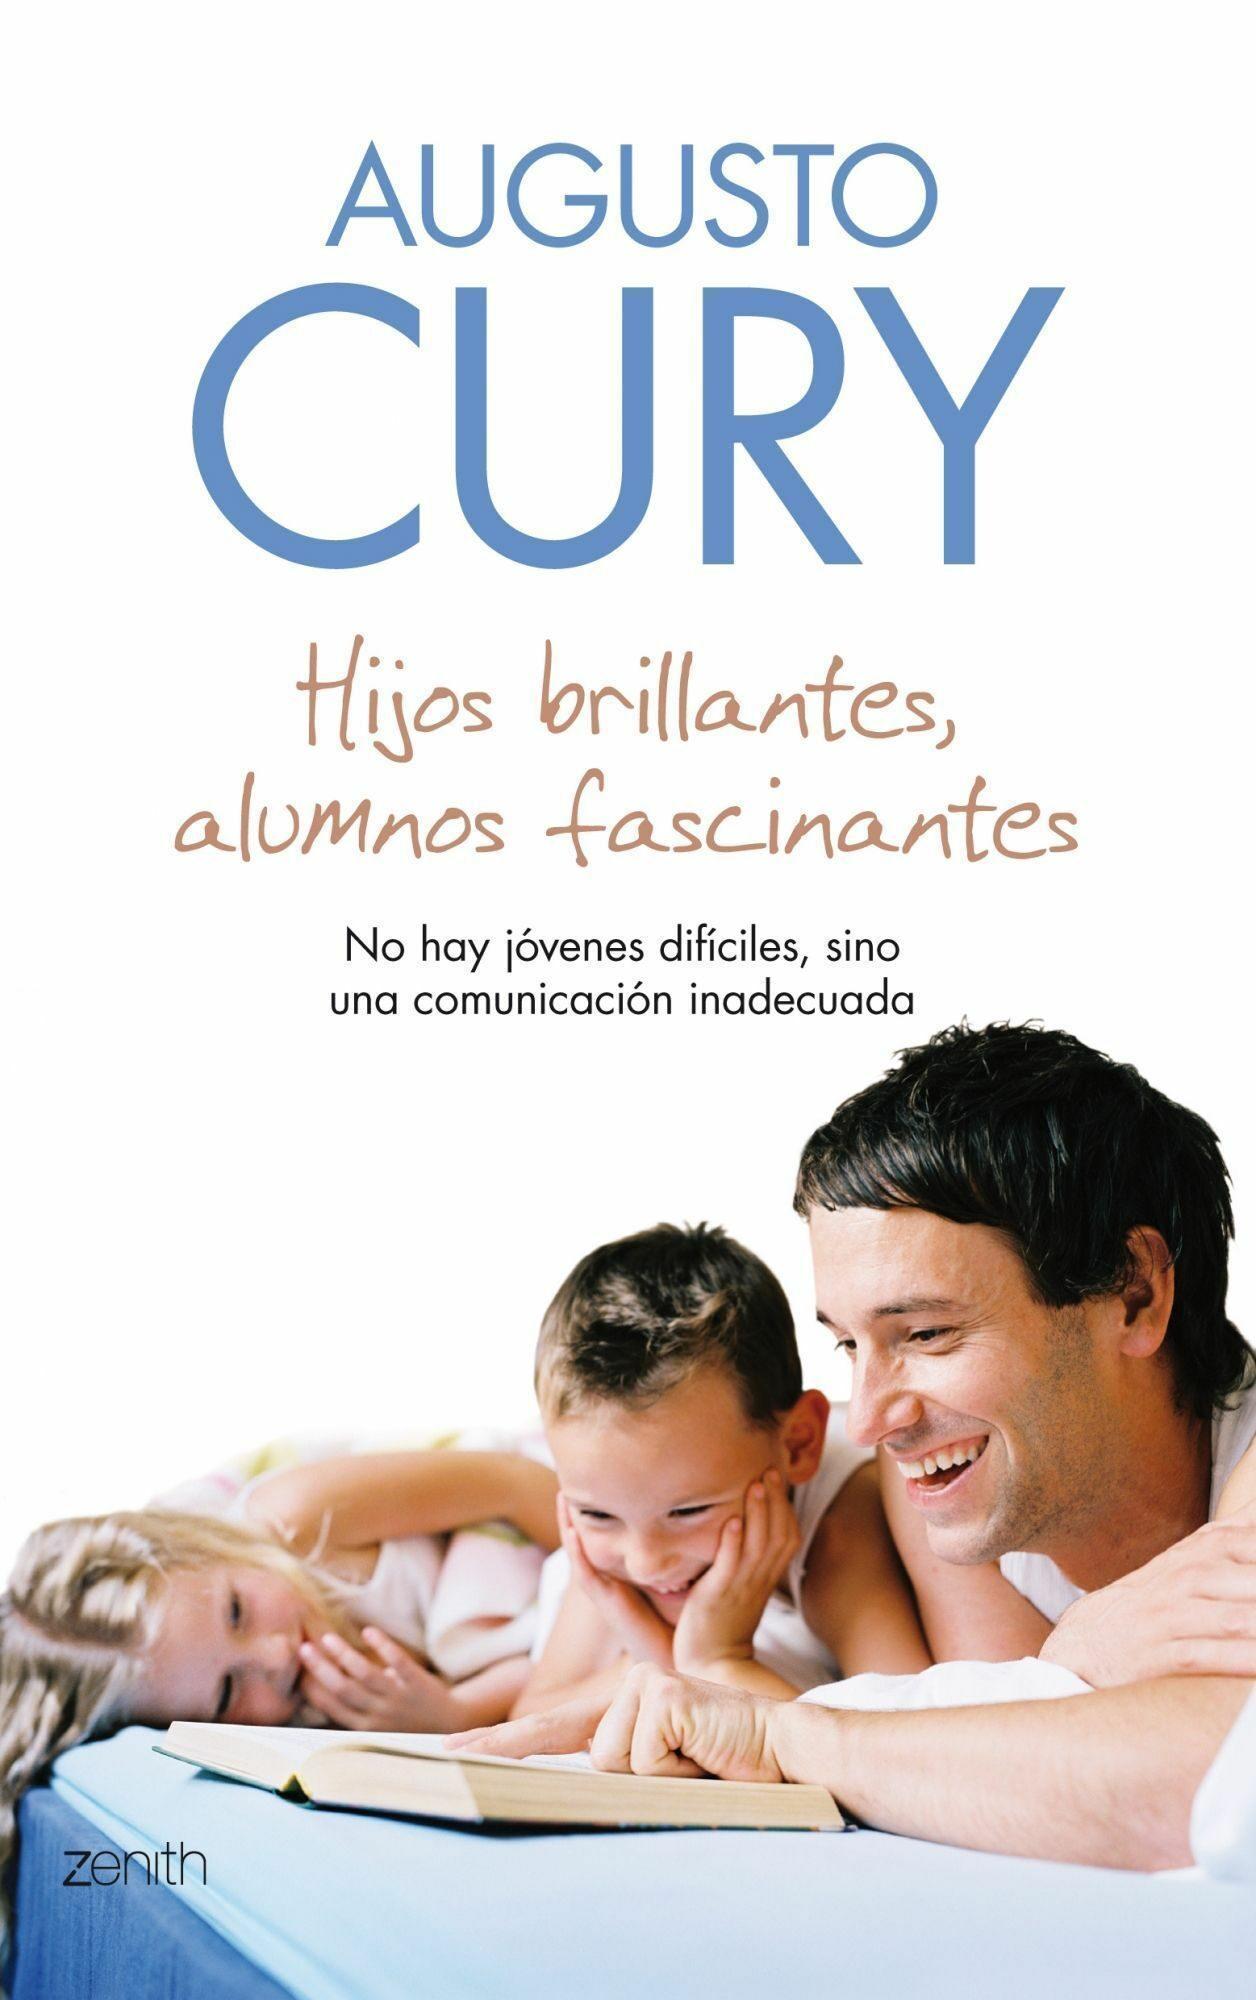 libro padres brillantes maestros fascinantes augusto cury